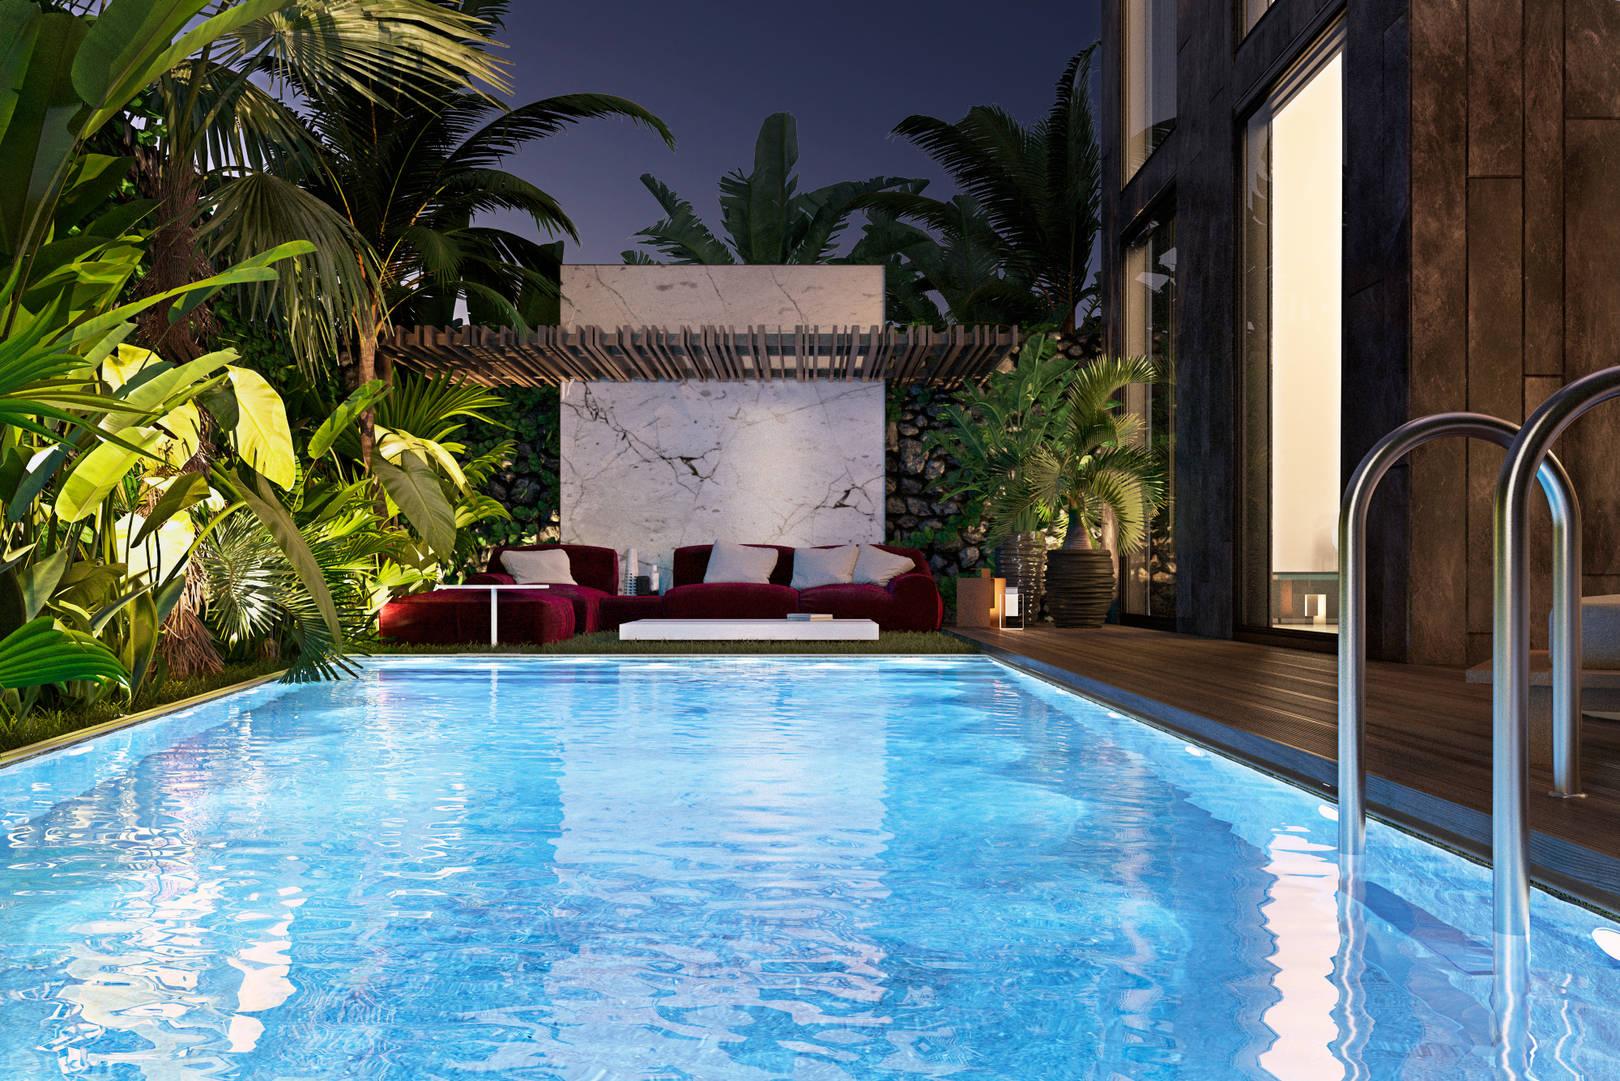 Residence in Casablanca, Morocco.